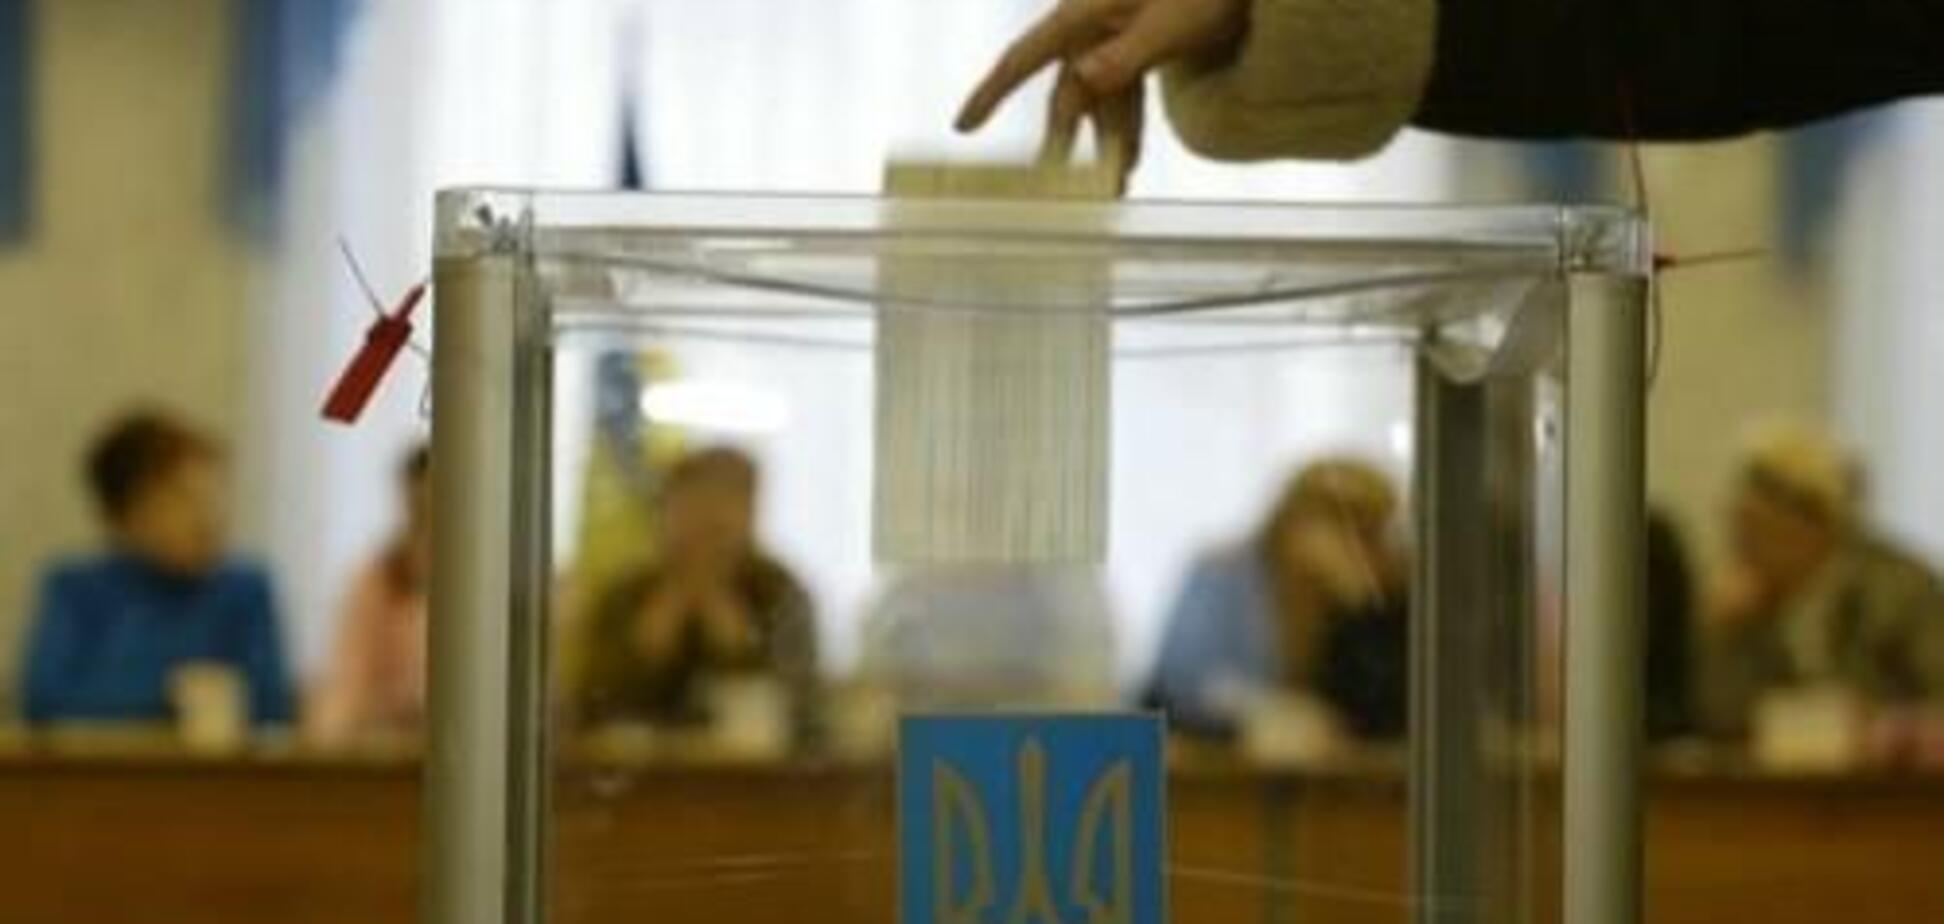 Вибори президента України: у ЦВК попередили про можливі проблеми з ID-картами